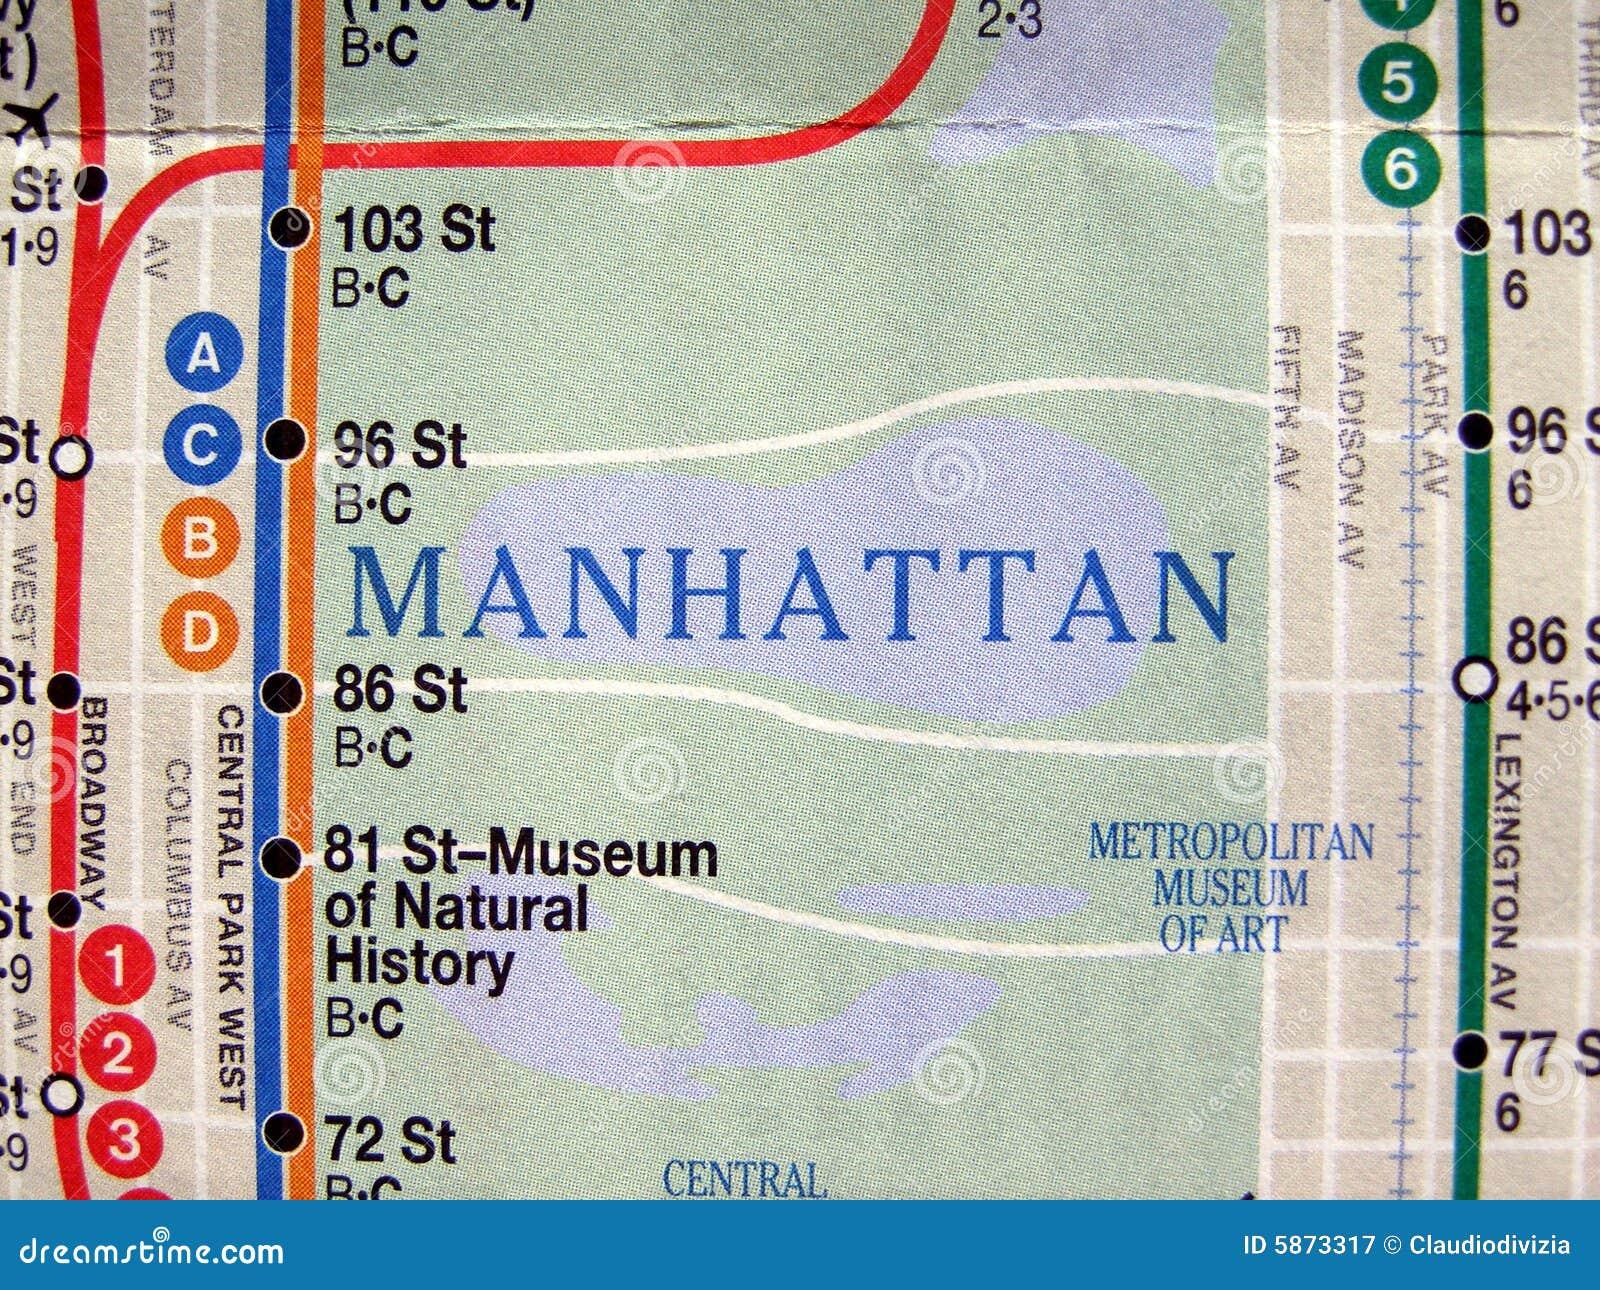 Subway Map 77 Street.New York Subway Map Stock Image Image Of Maps Public 5873317